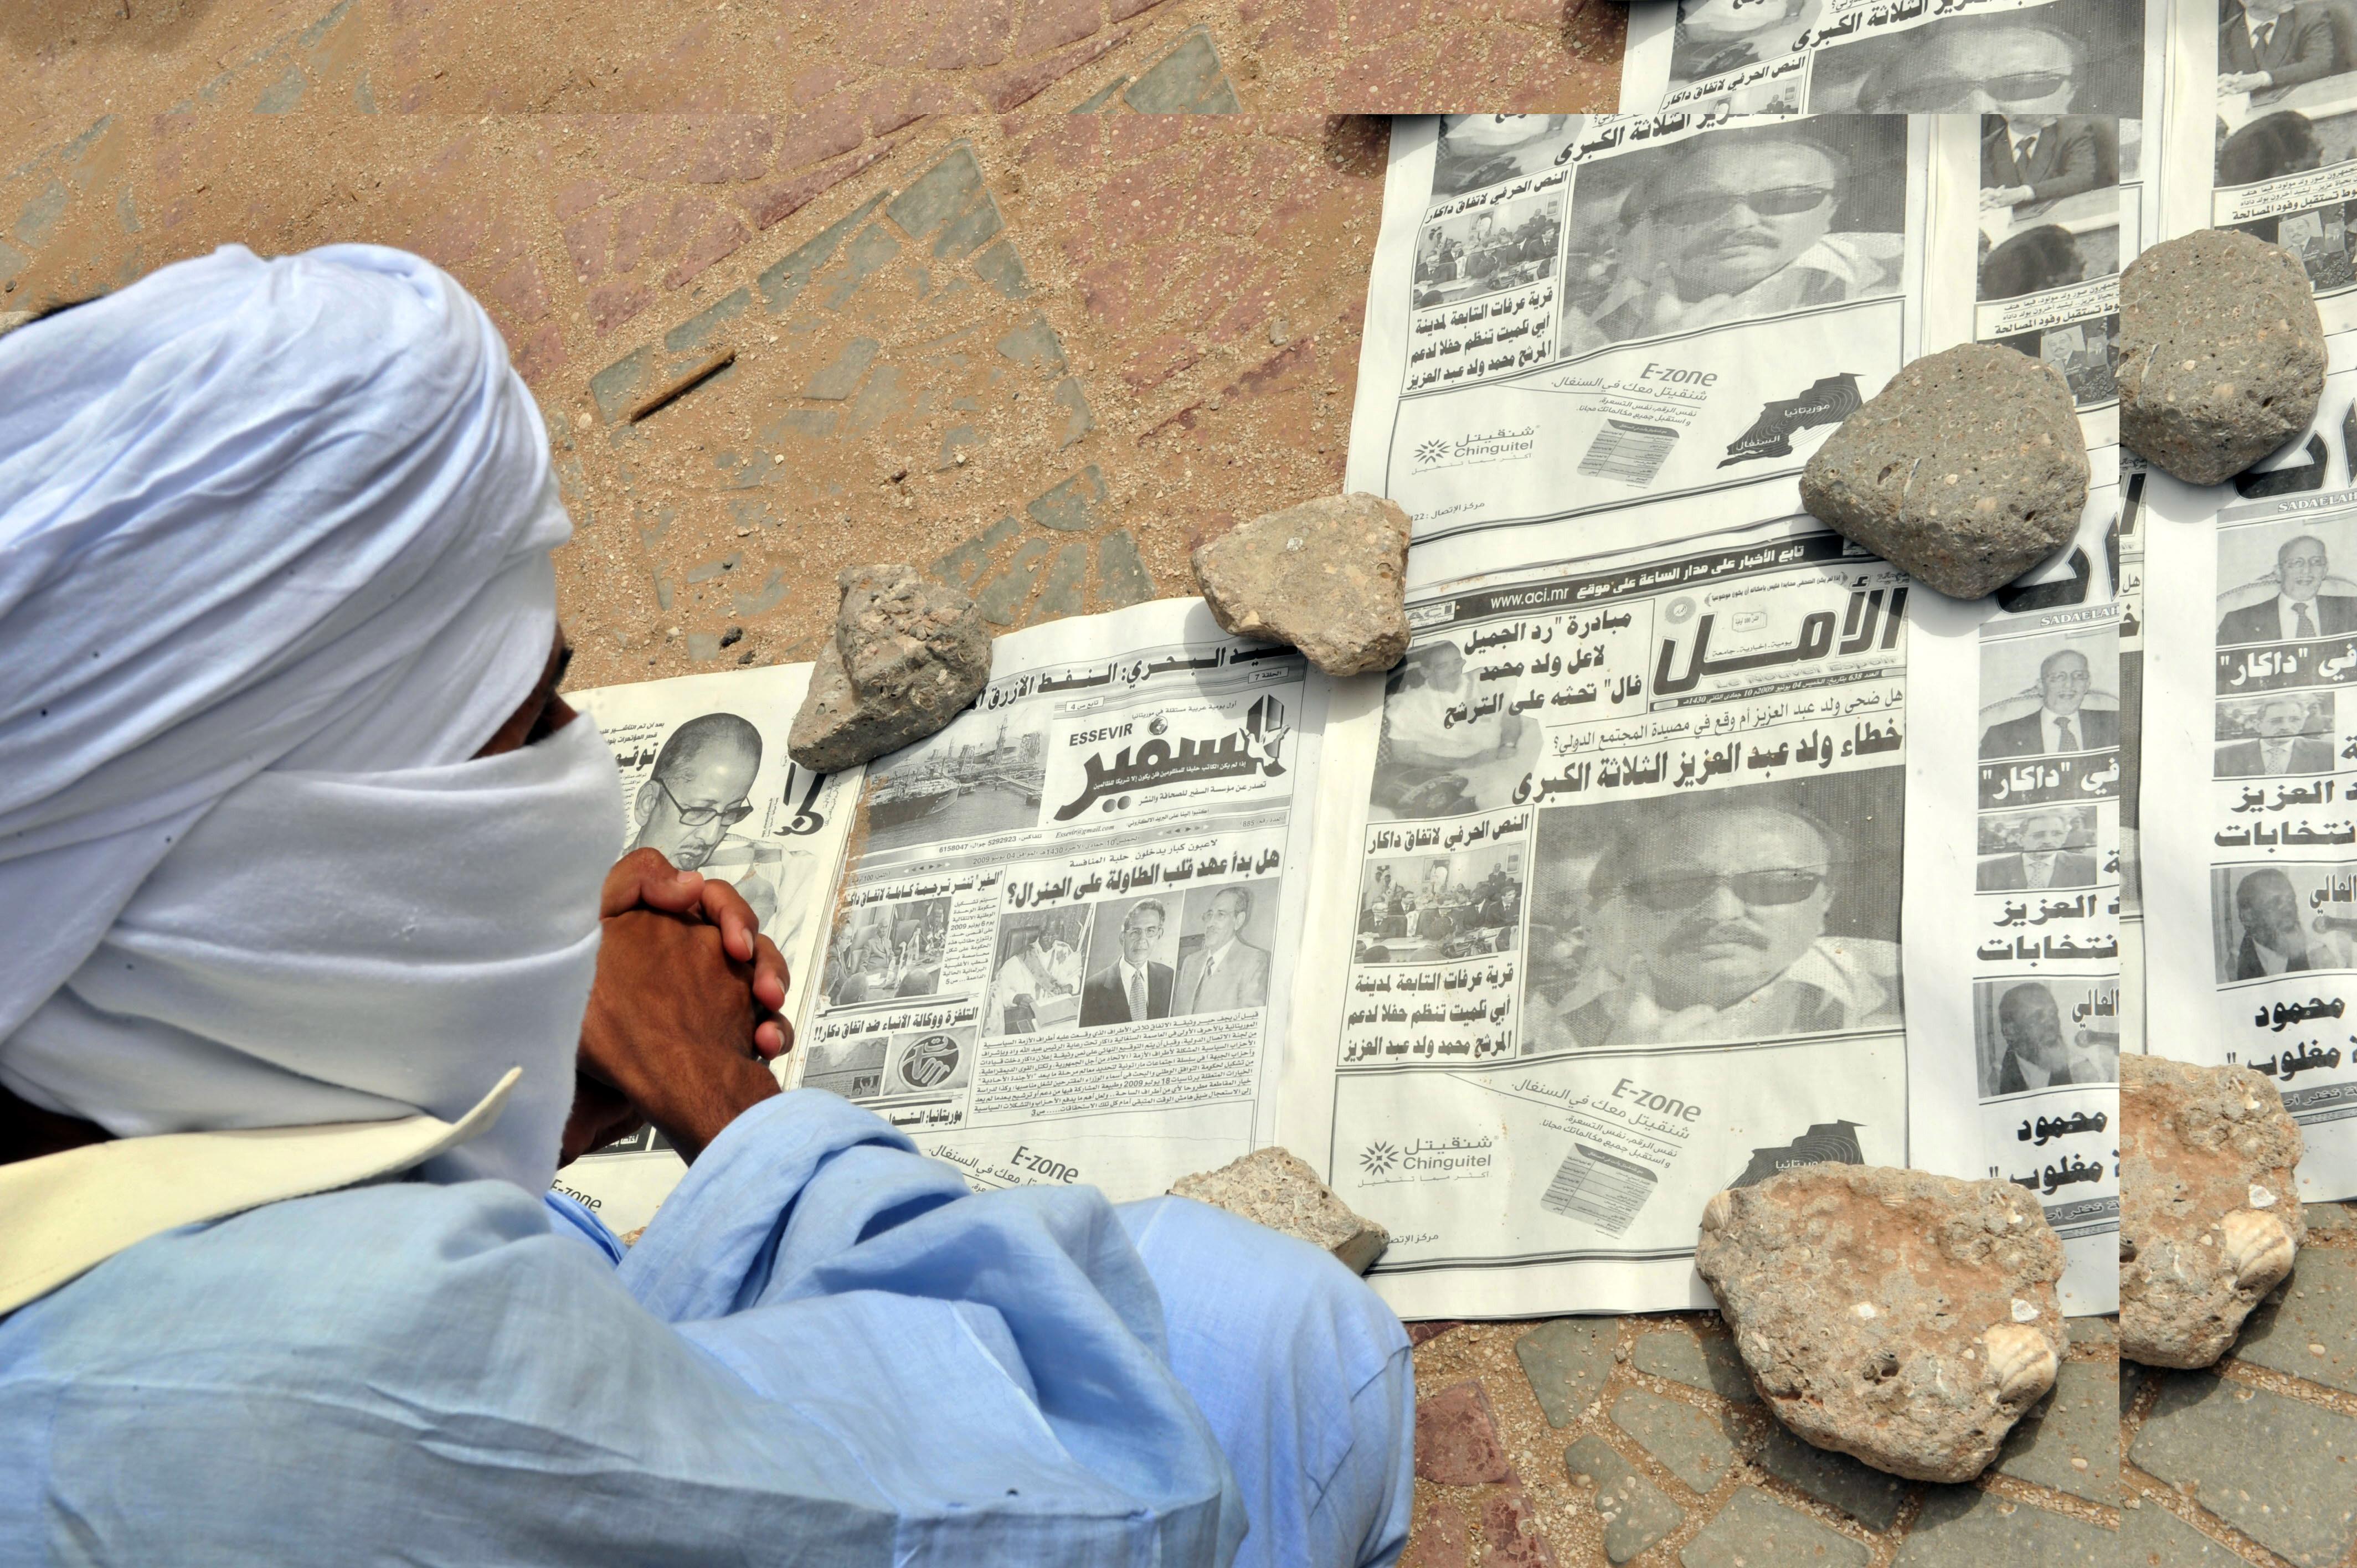 Az újságírók szerint a mauritániai kormány azért nem kezeli a papírválságot, hogy ne legyen mire nyomtatni a független lapokat